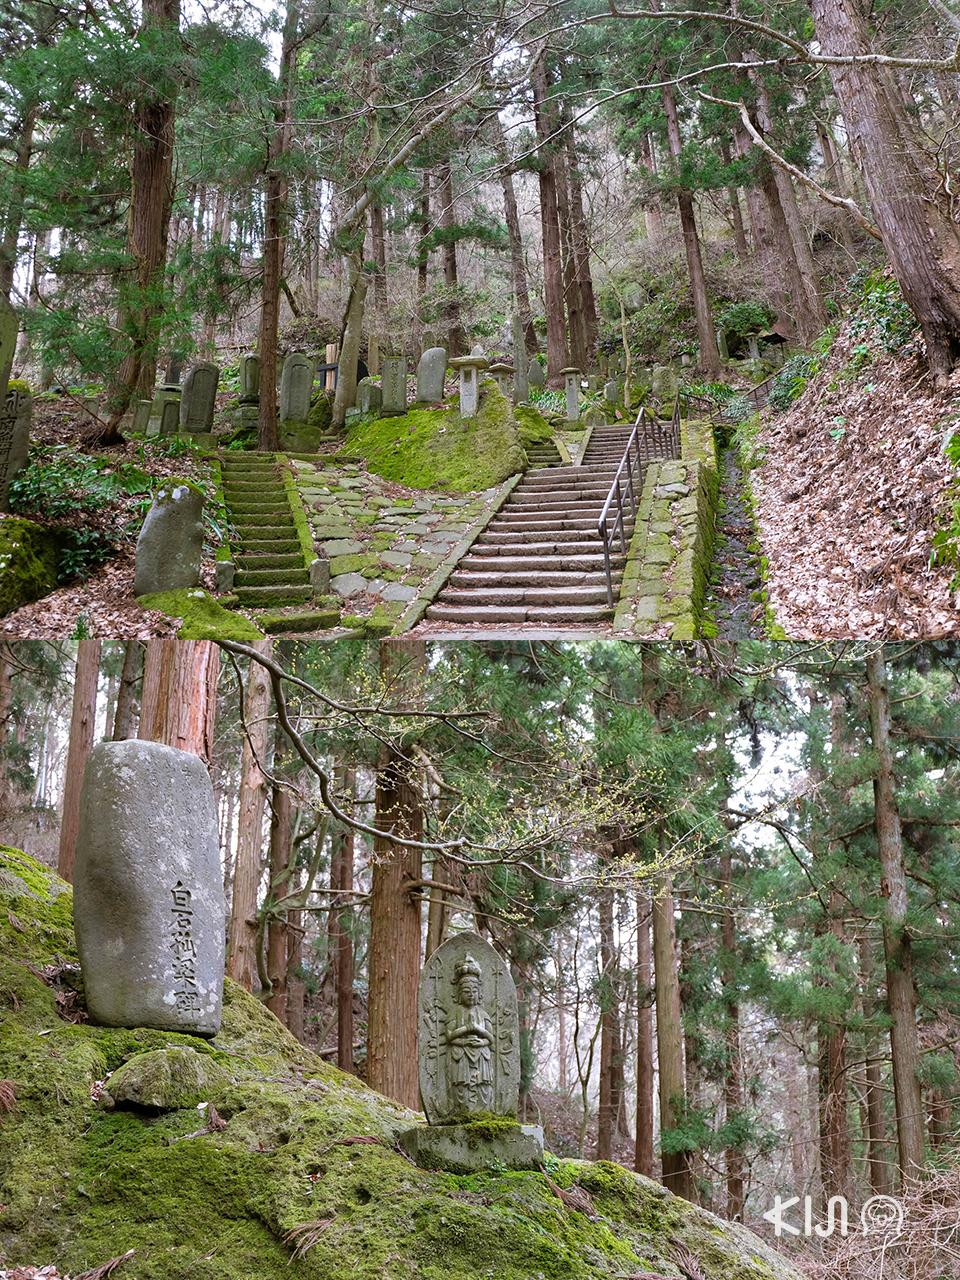 เที่ยวยามากาตะ (โยเนซาวะ และ ยามาเดระ) : ทางเดินไปวัดยามาเดระ (Yamadera Temple)